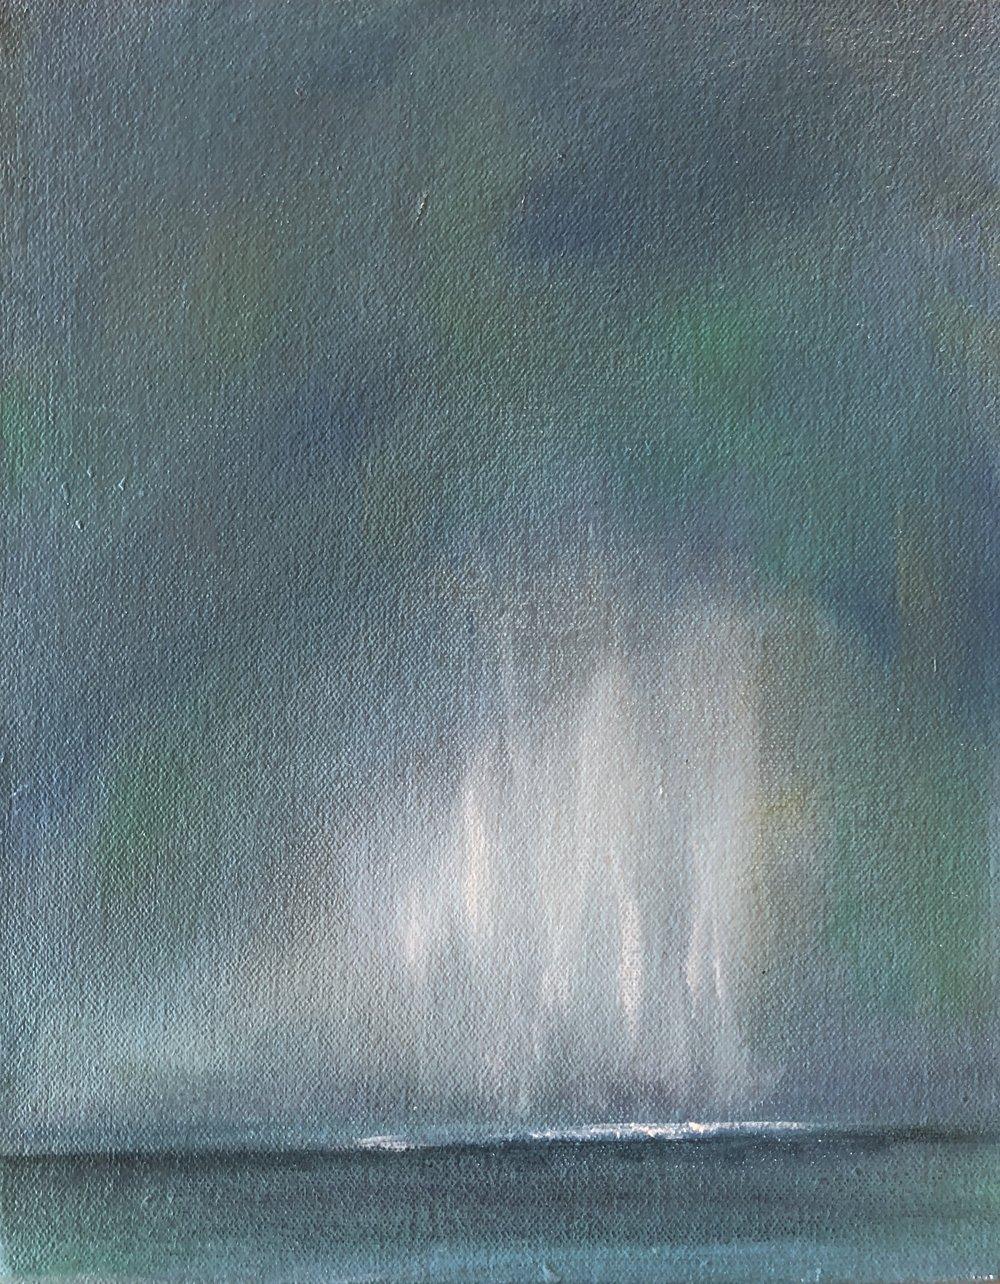 Heaven's Rain II, 2015